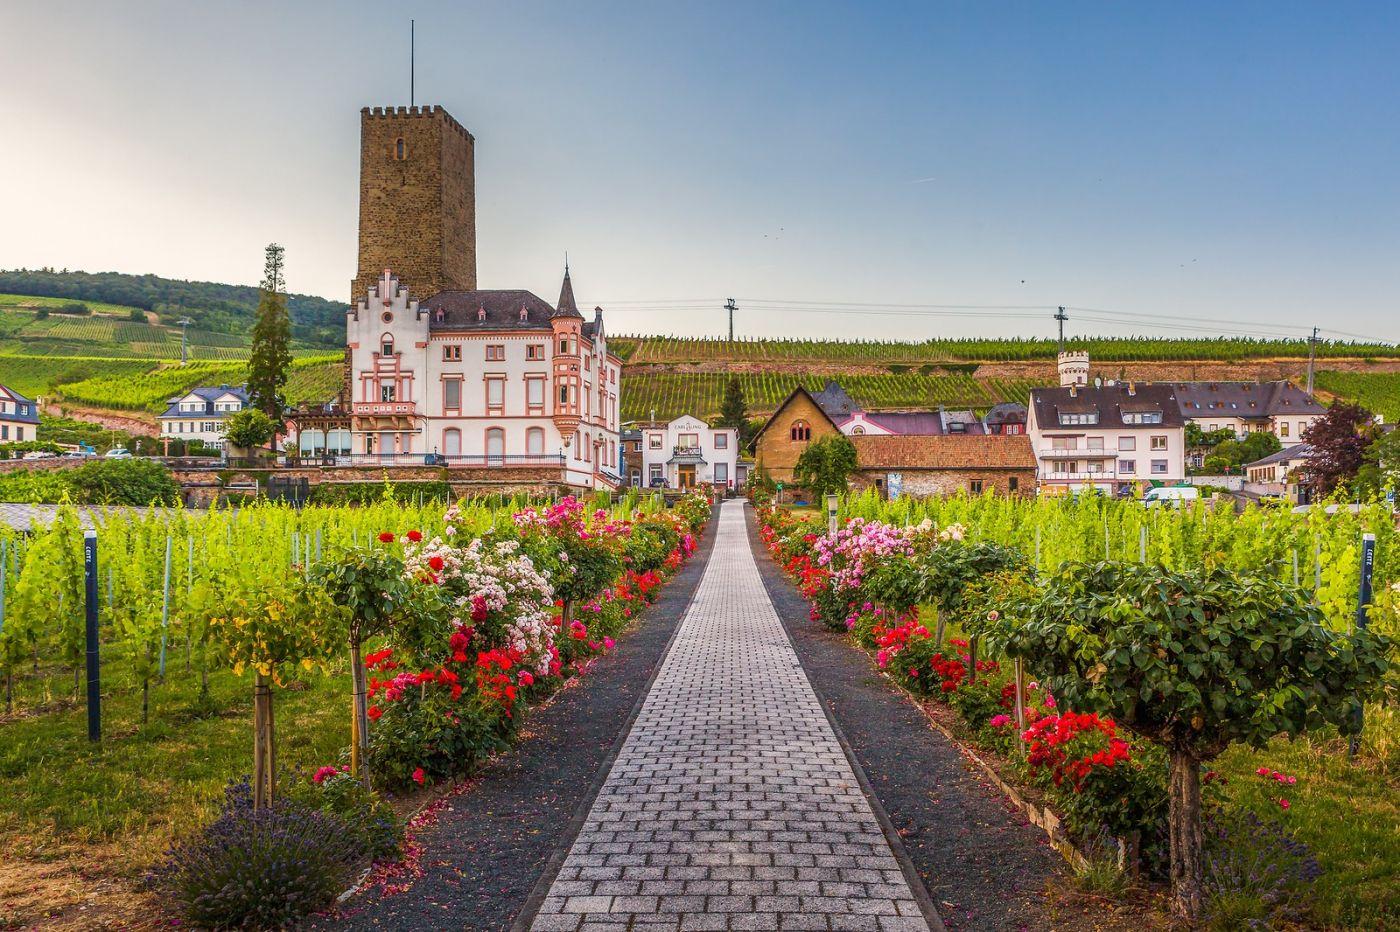 德国吕德斯海姆(Rudesheim),莱茵河畔的小镇_图1-18